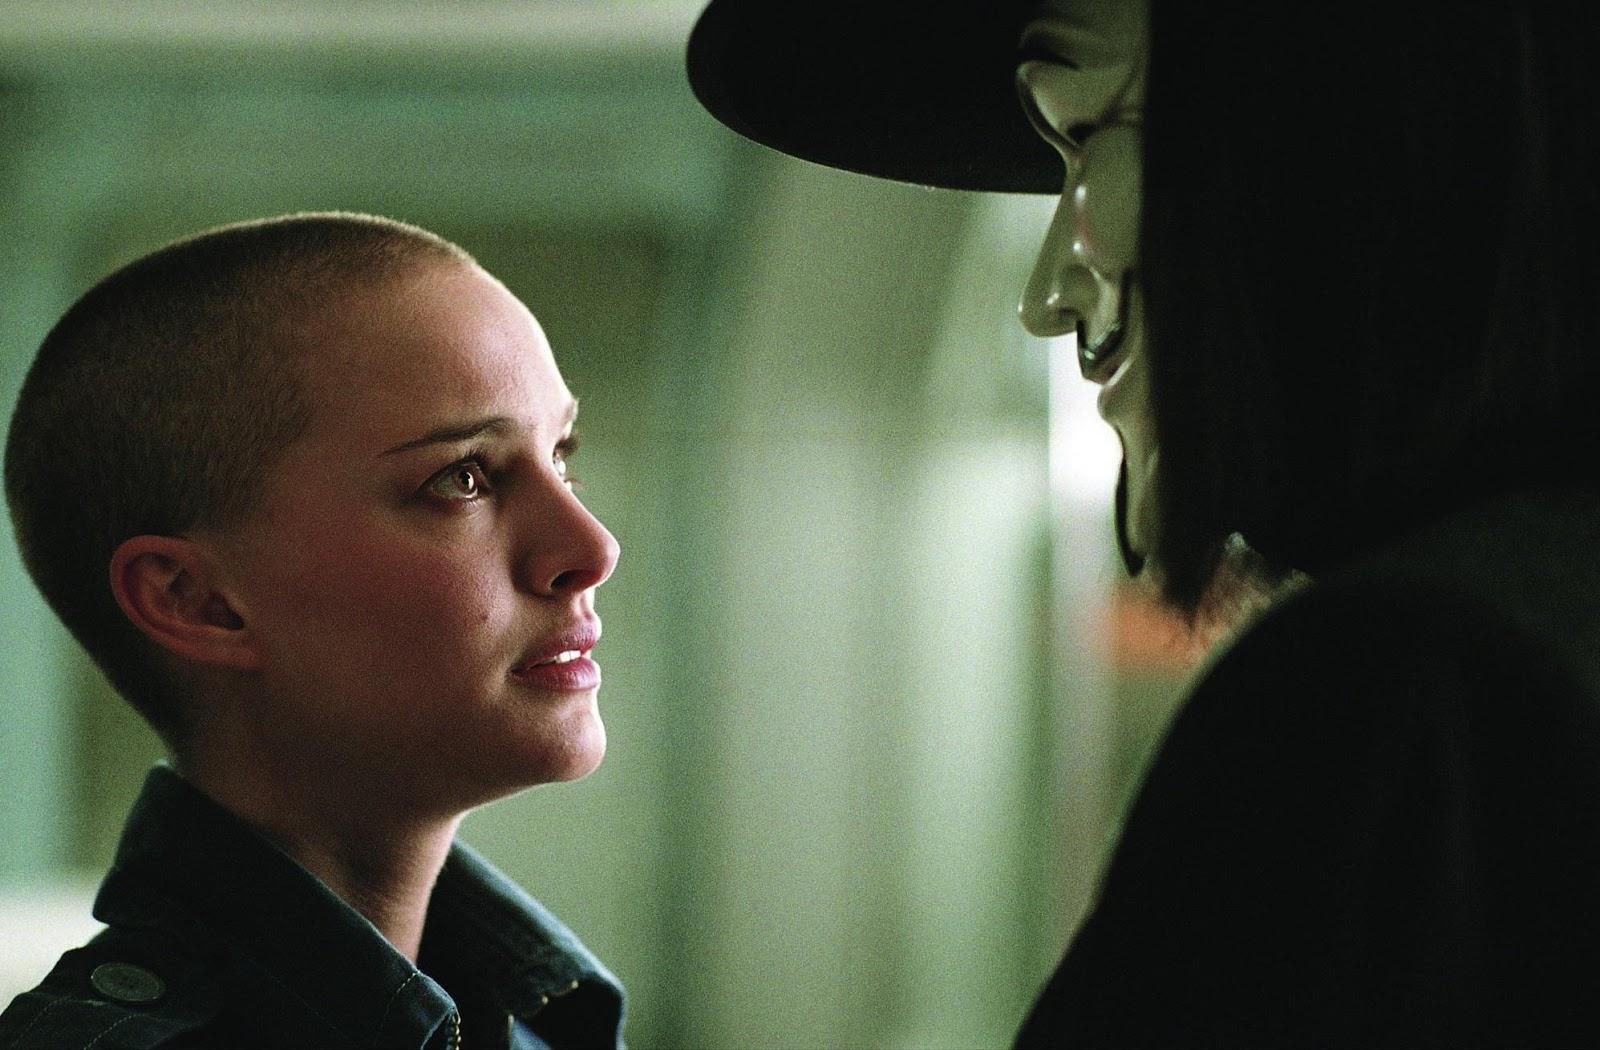 http://2.bp.blogspot.com/-iXE-jth80TA/UOW1cbLPvoI/AAAAAAAAAd4/h1az6RR5HA8/s1600/V+for+Vendetta.jpg